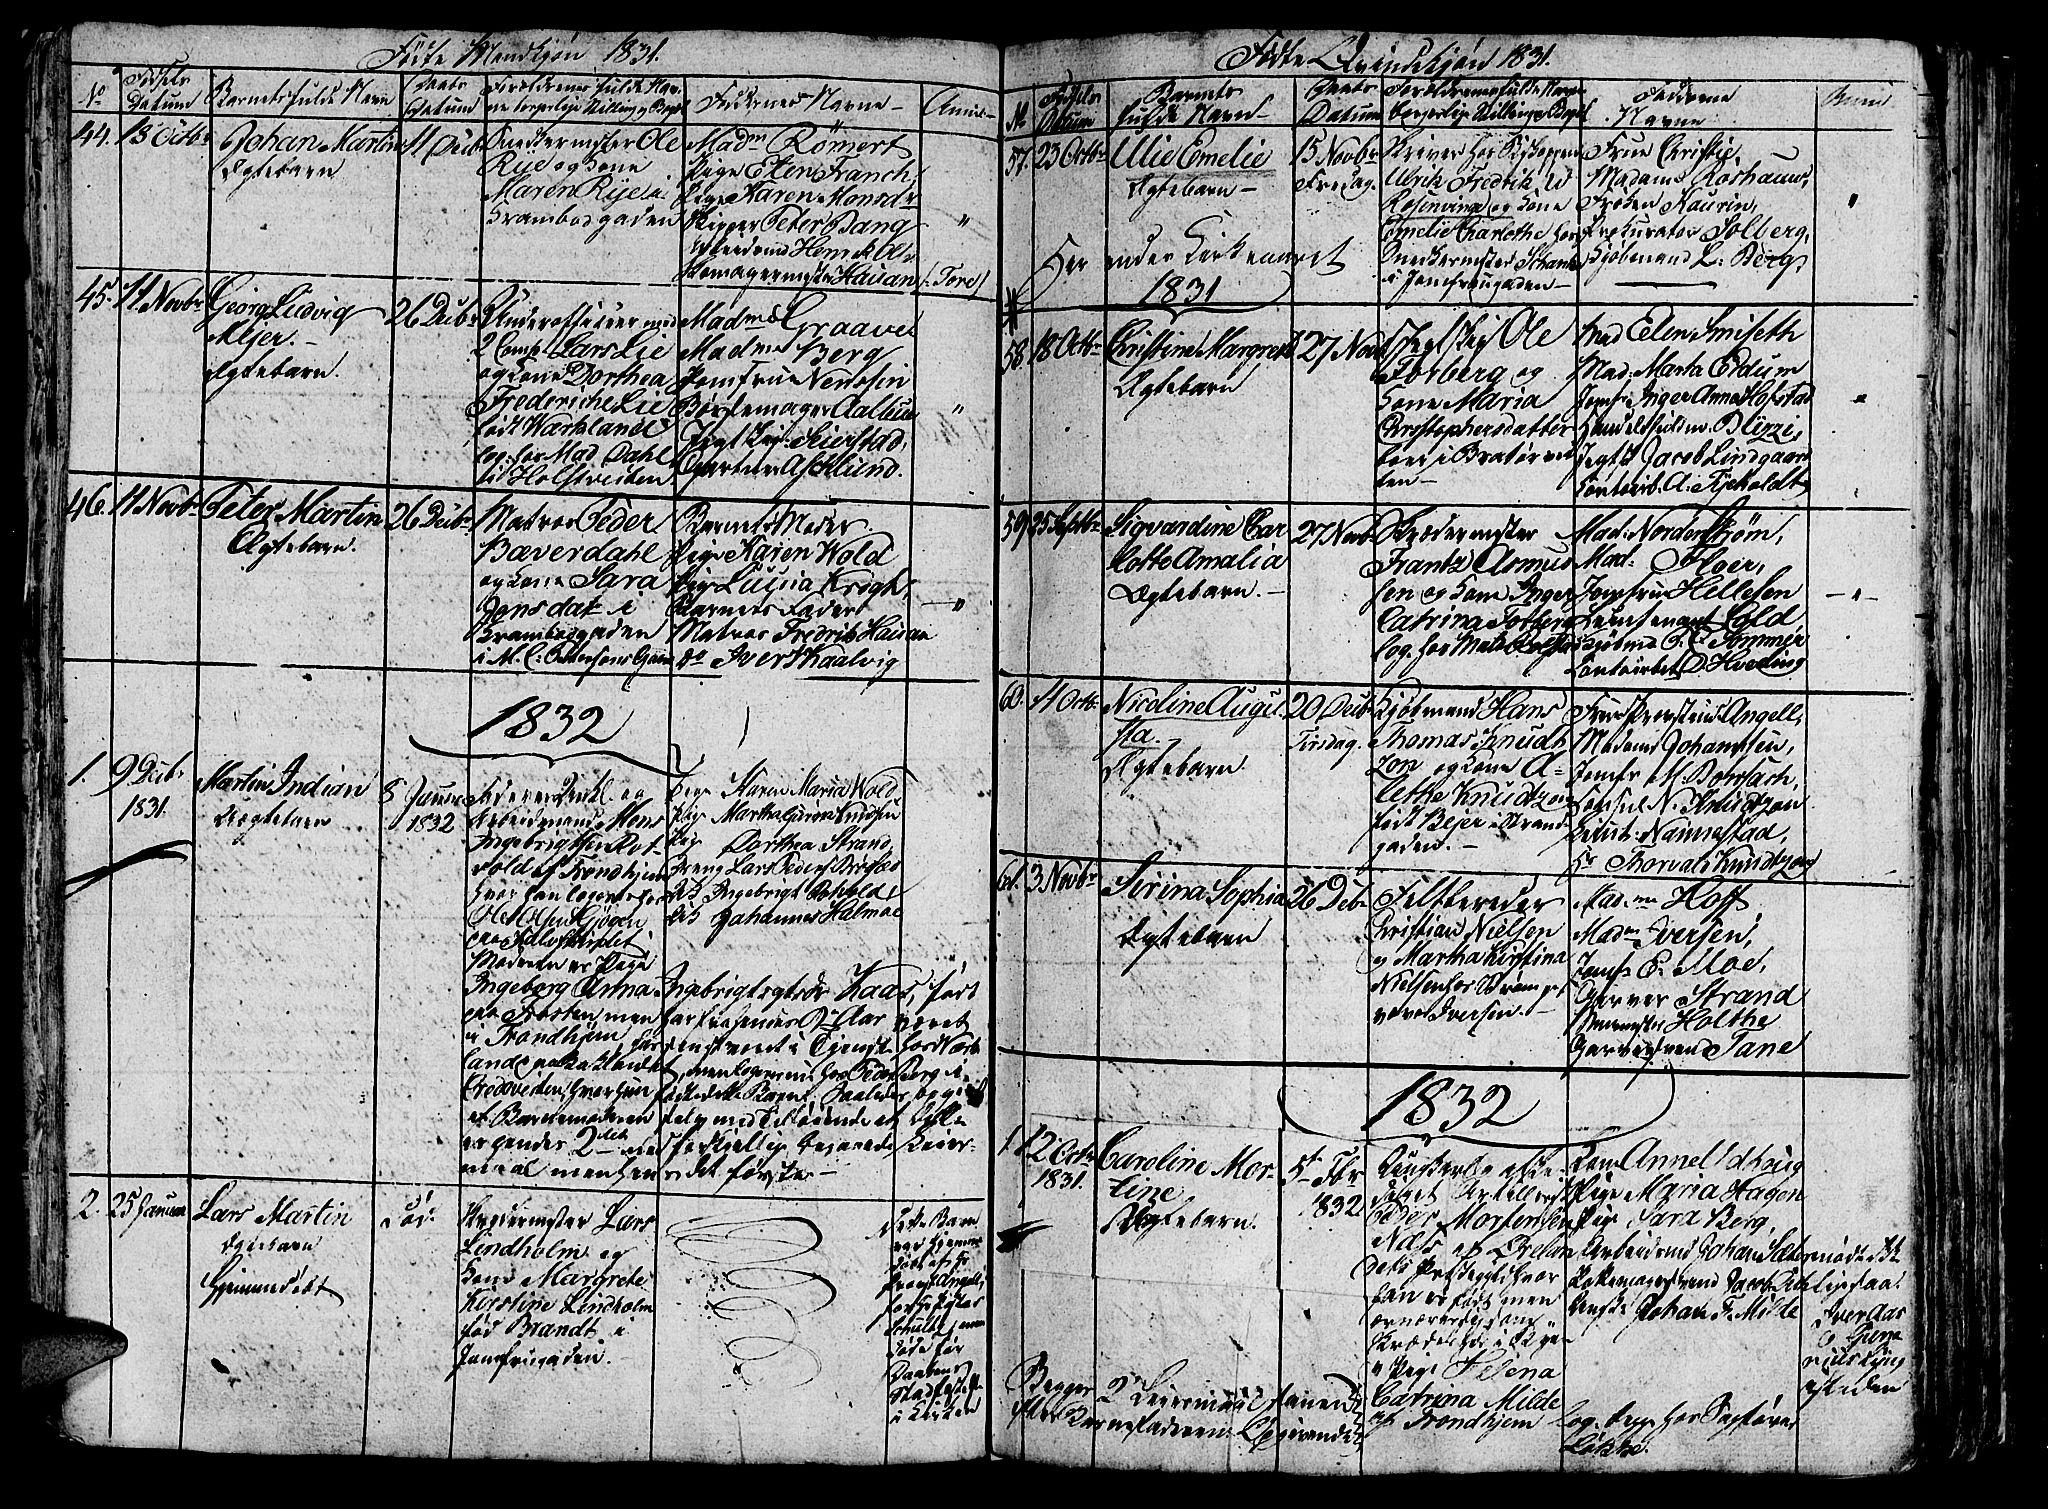 SAT, Ministerialprotokoller, klokkerbøker og fødselsregistre - Sør-Trøndelag, 602/L0135: Klokkerbok nr. 602C03, 1815-1832